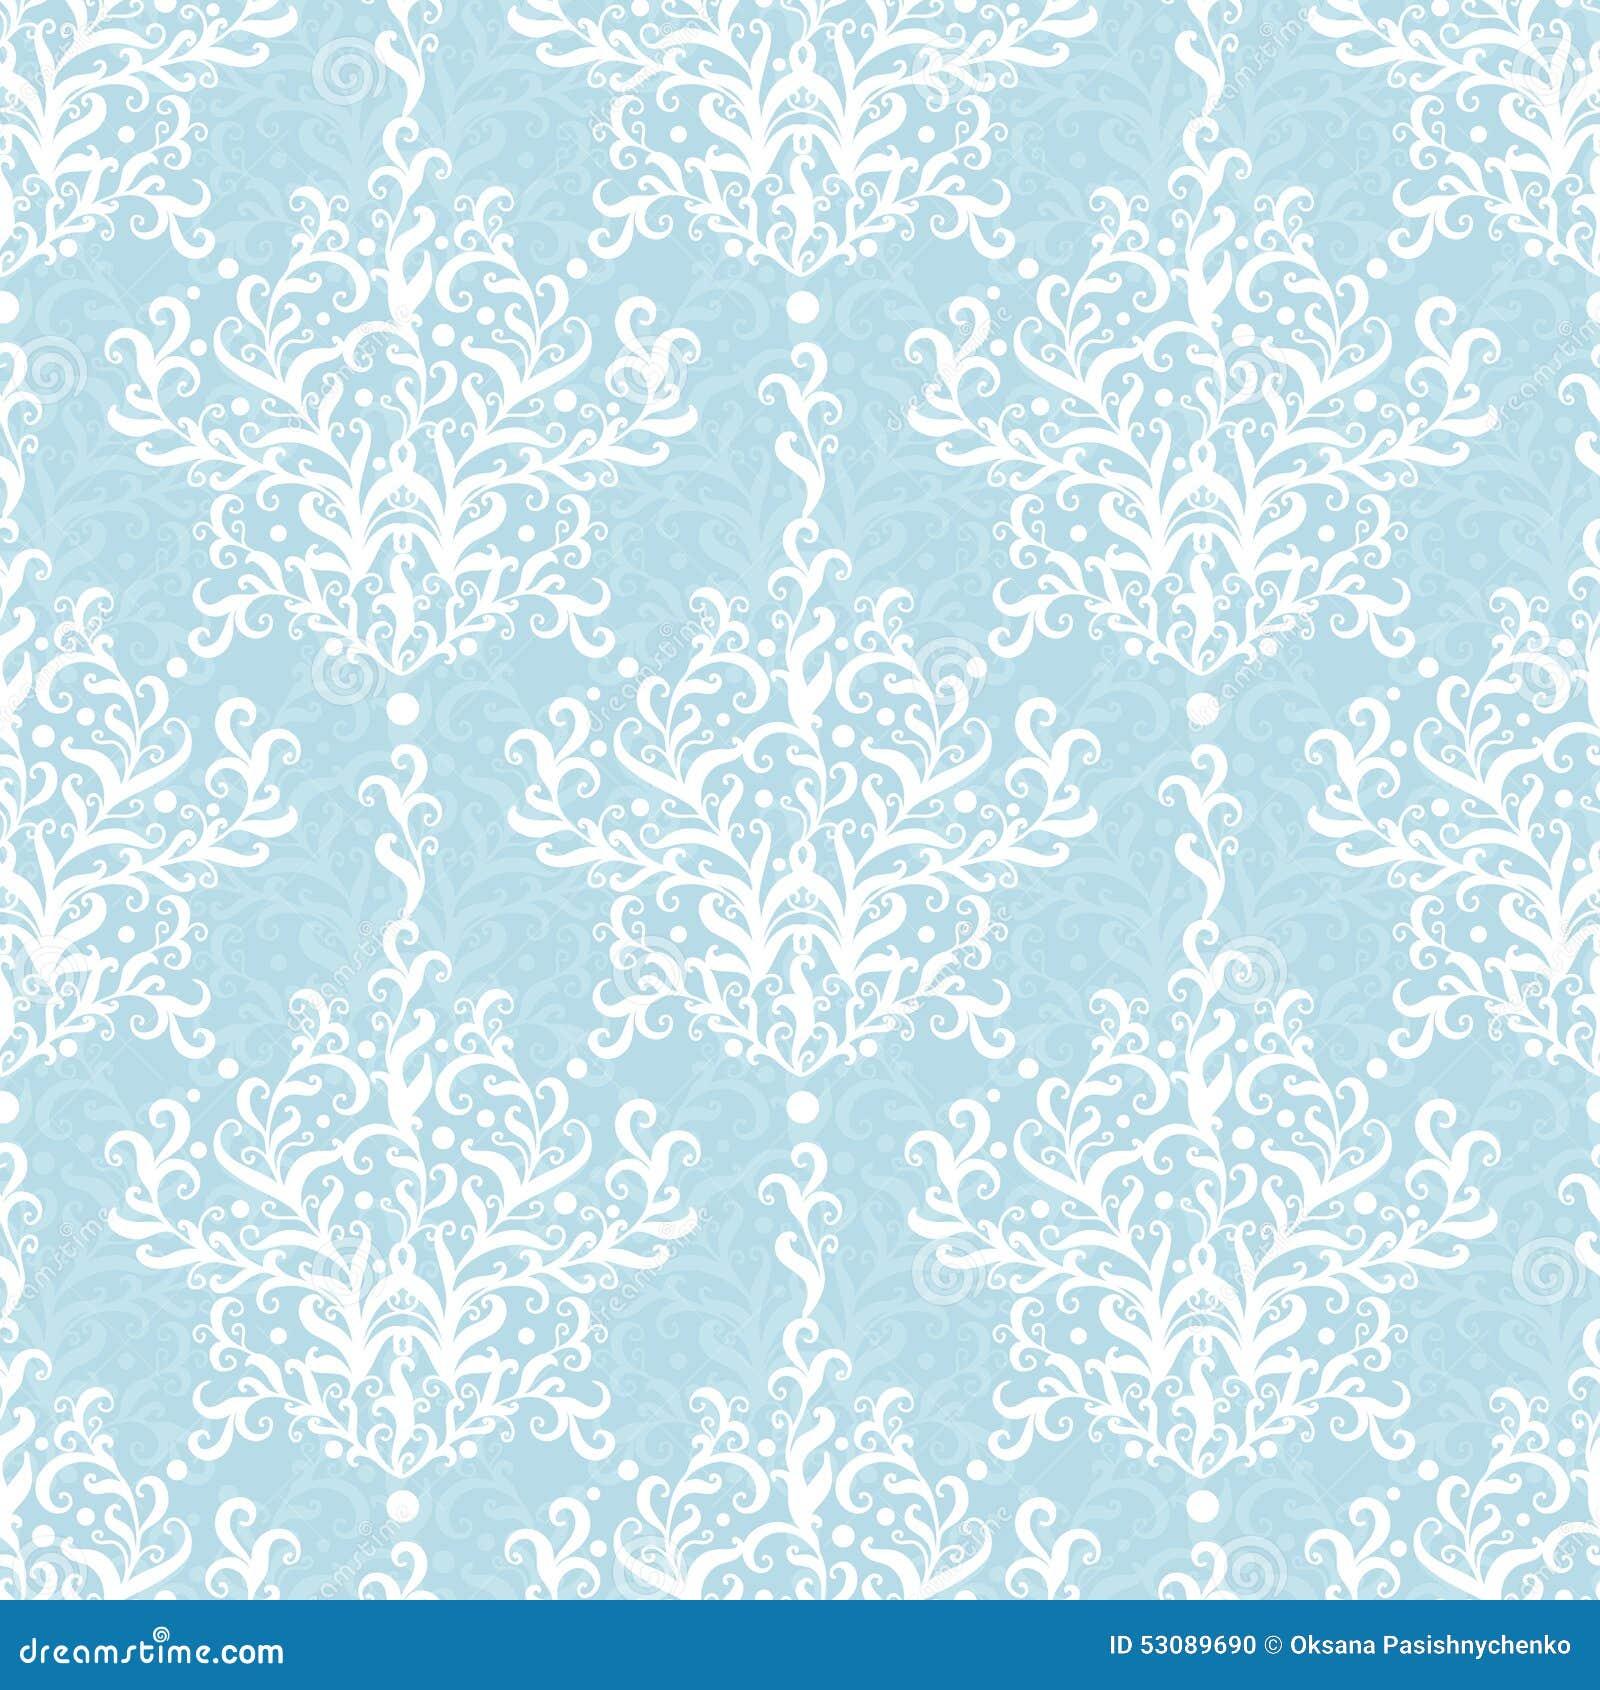 light blue damask background wwwimgkidcom the image